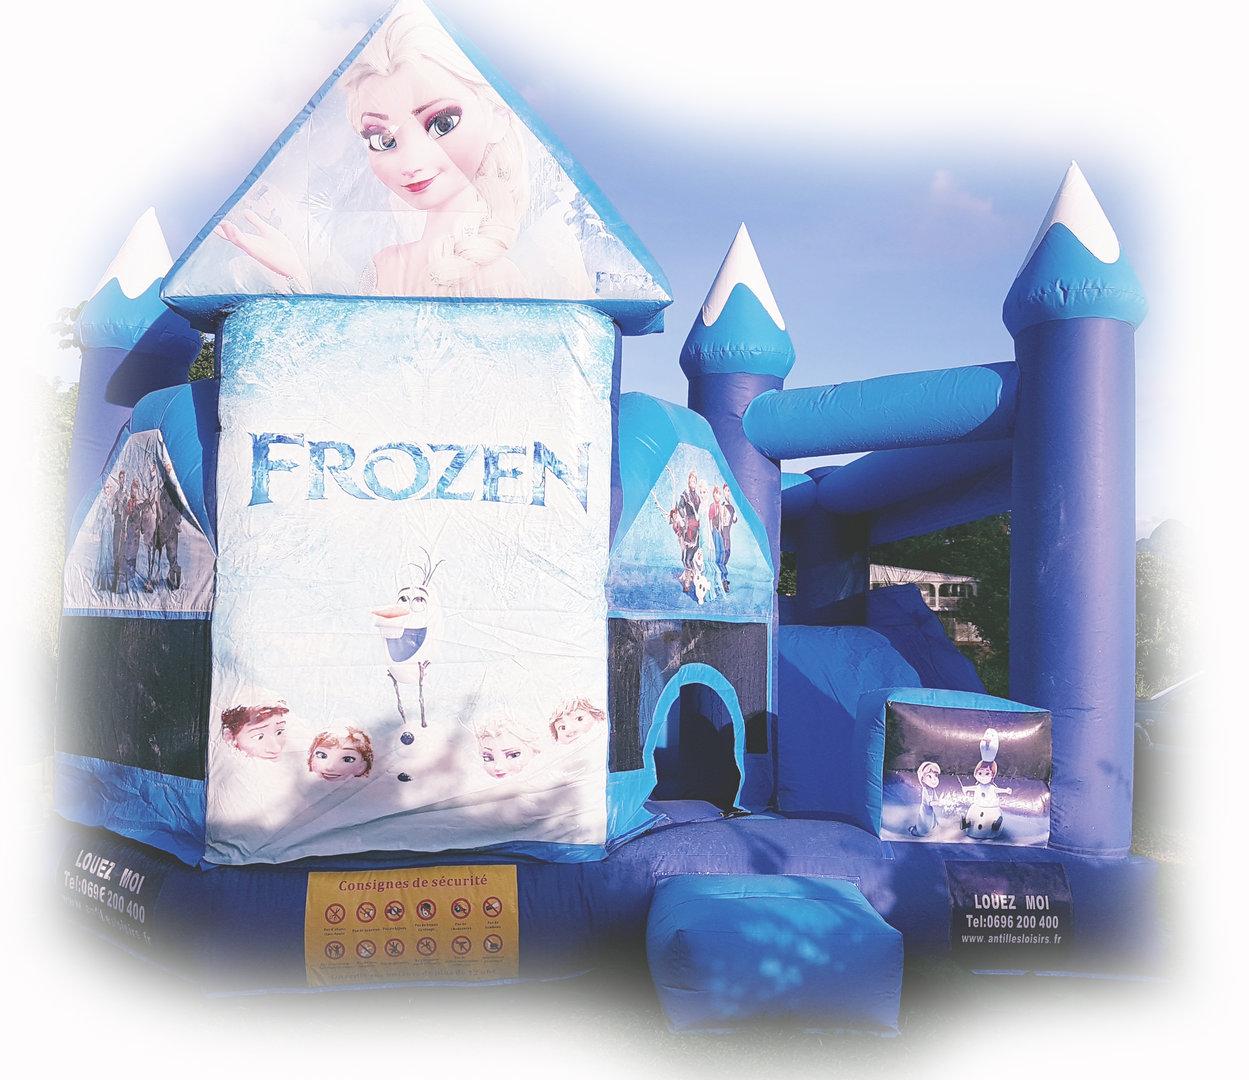 ch teau reine des neiges frozen pour enfants de 1 10 ans page d 39 accueil. Black Bedroom Furniture Sets. Home Design Ideas